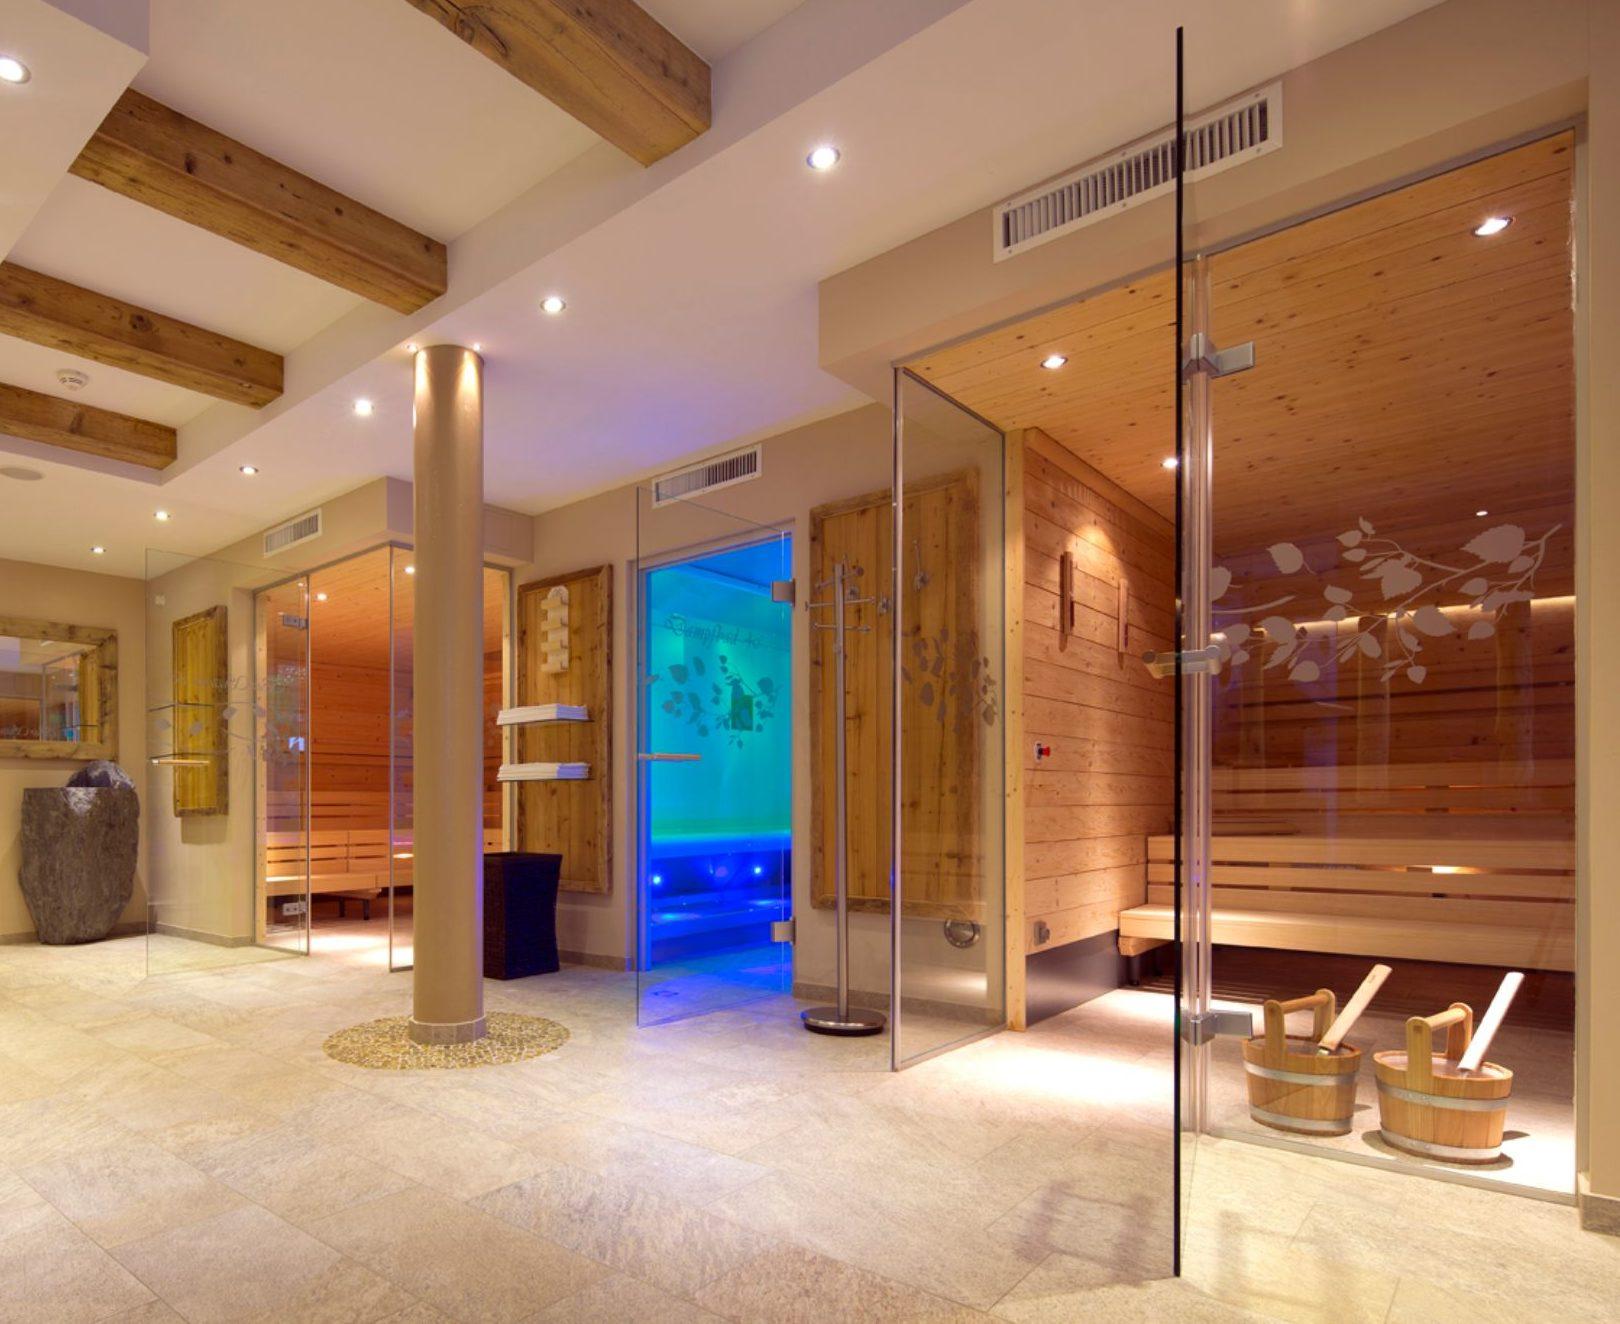 Bild von den einzelnen Saunas